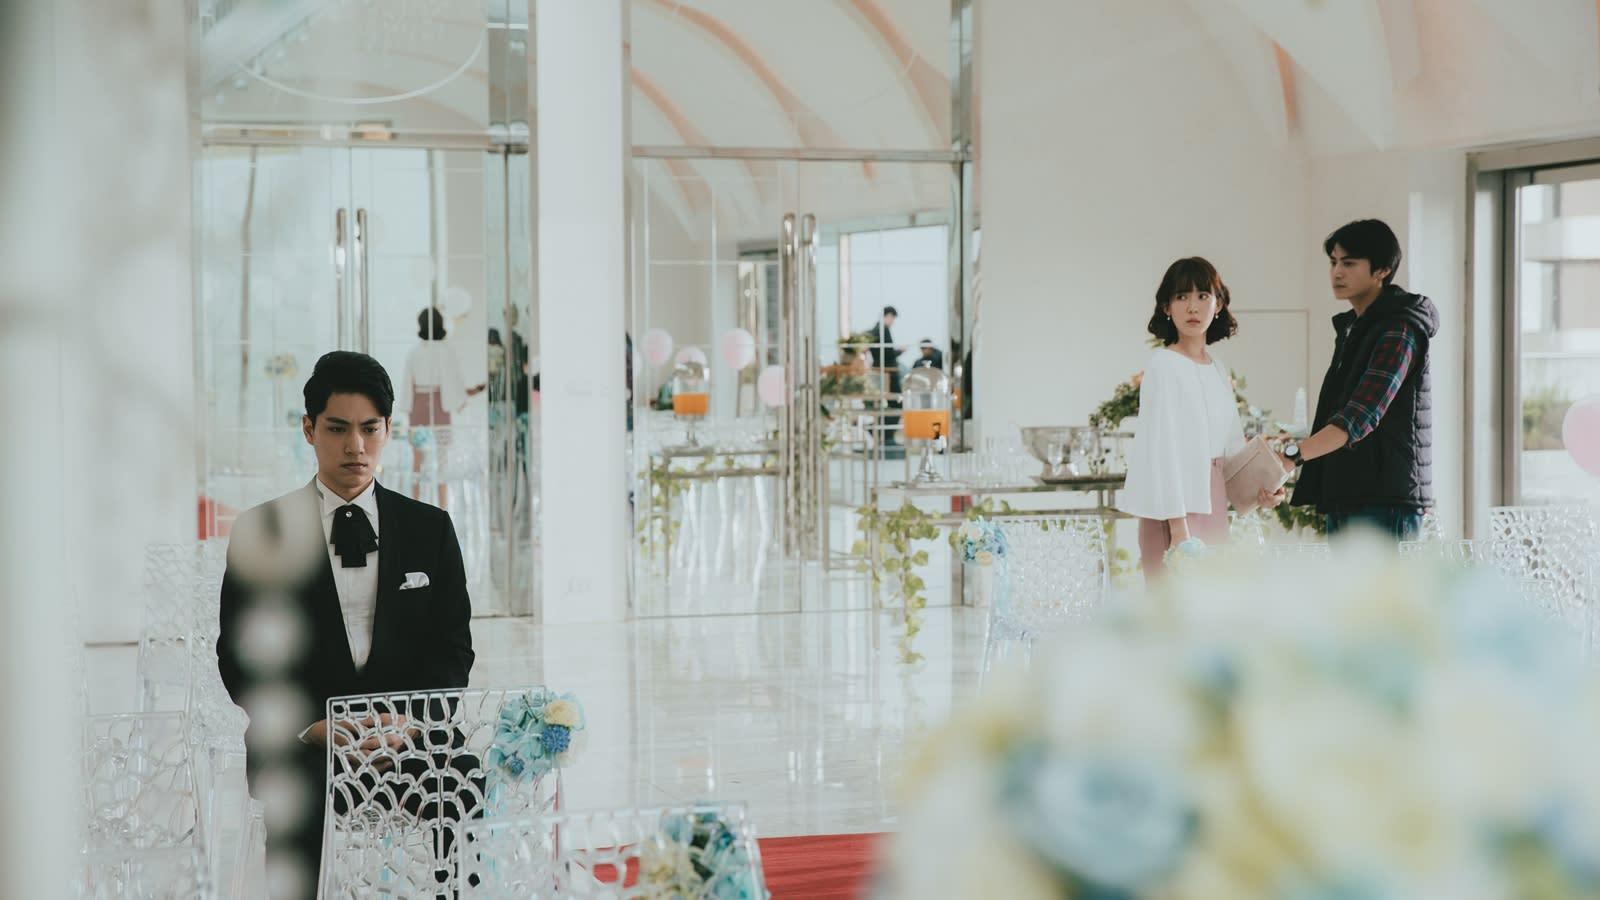 如果前任邀請你去參加他的婚禮,你會赴約嗎?